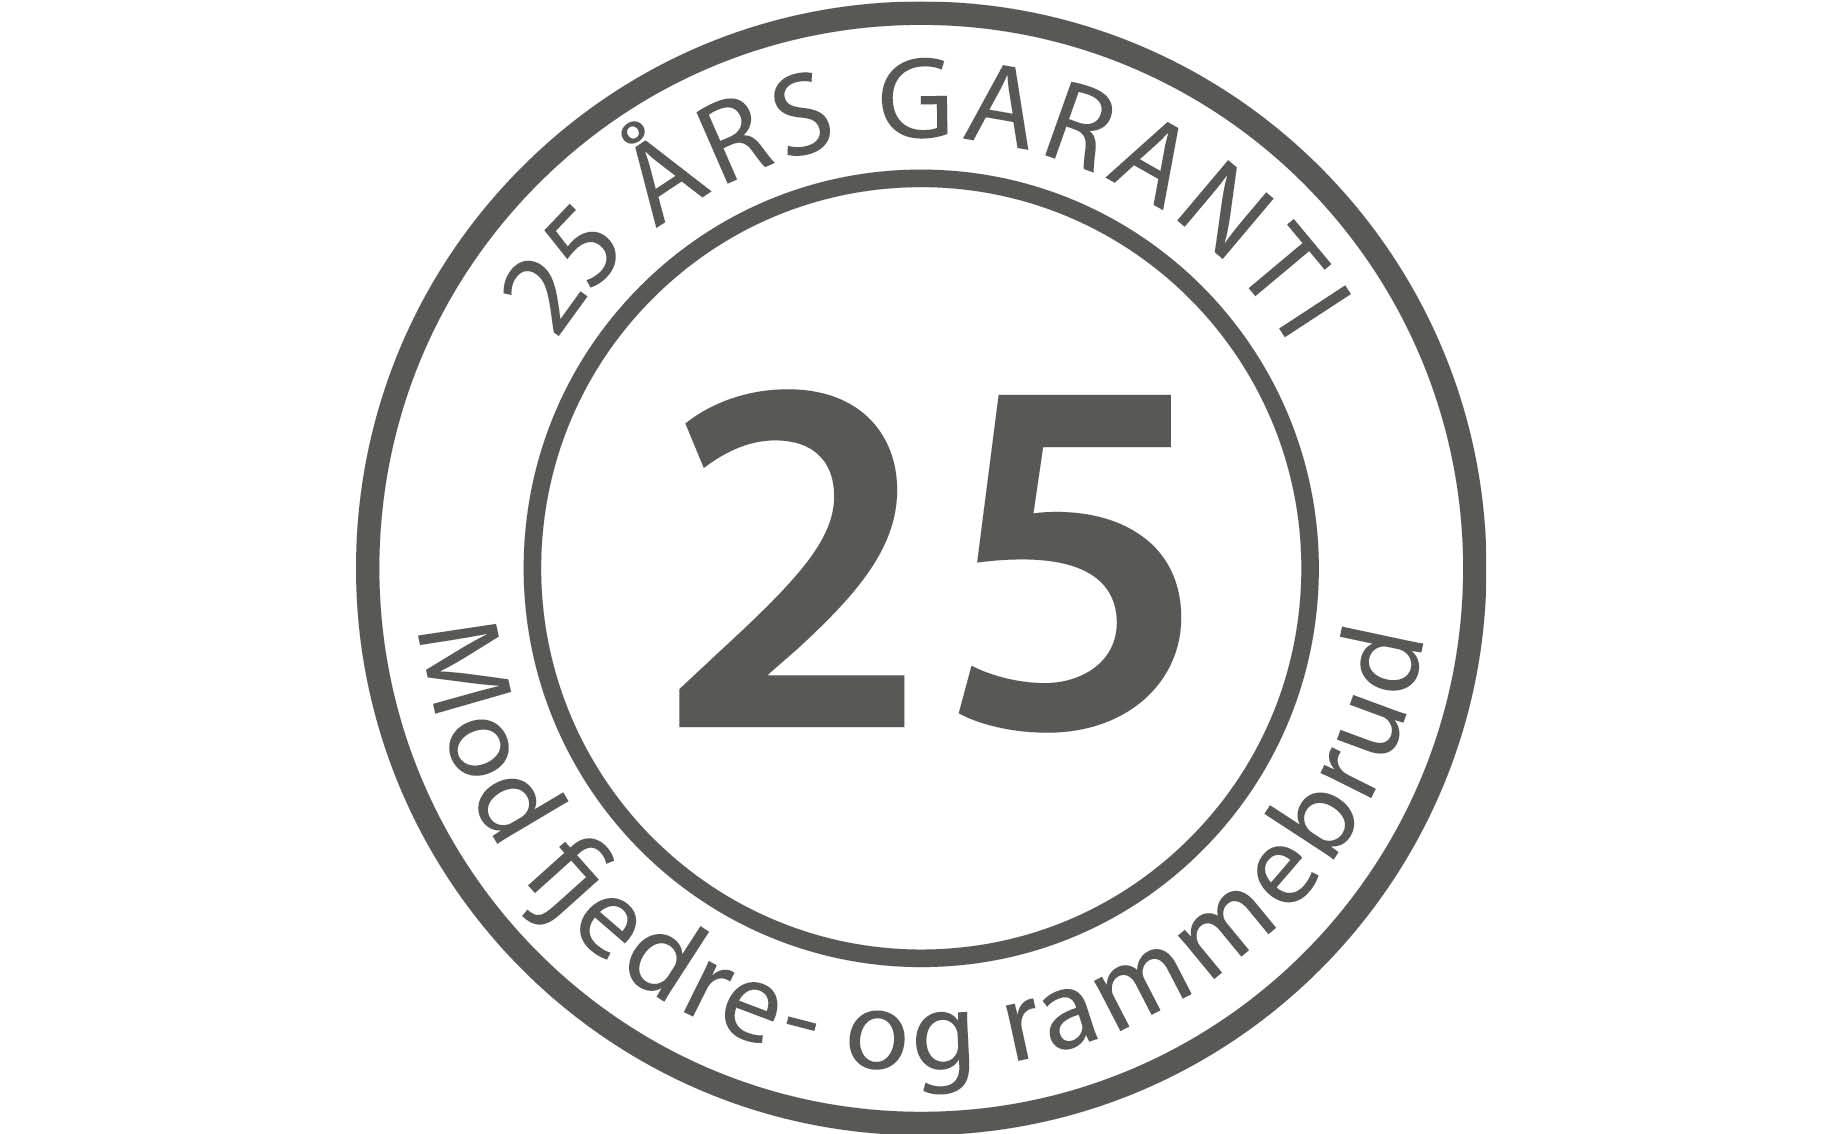 25 års garanti